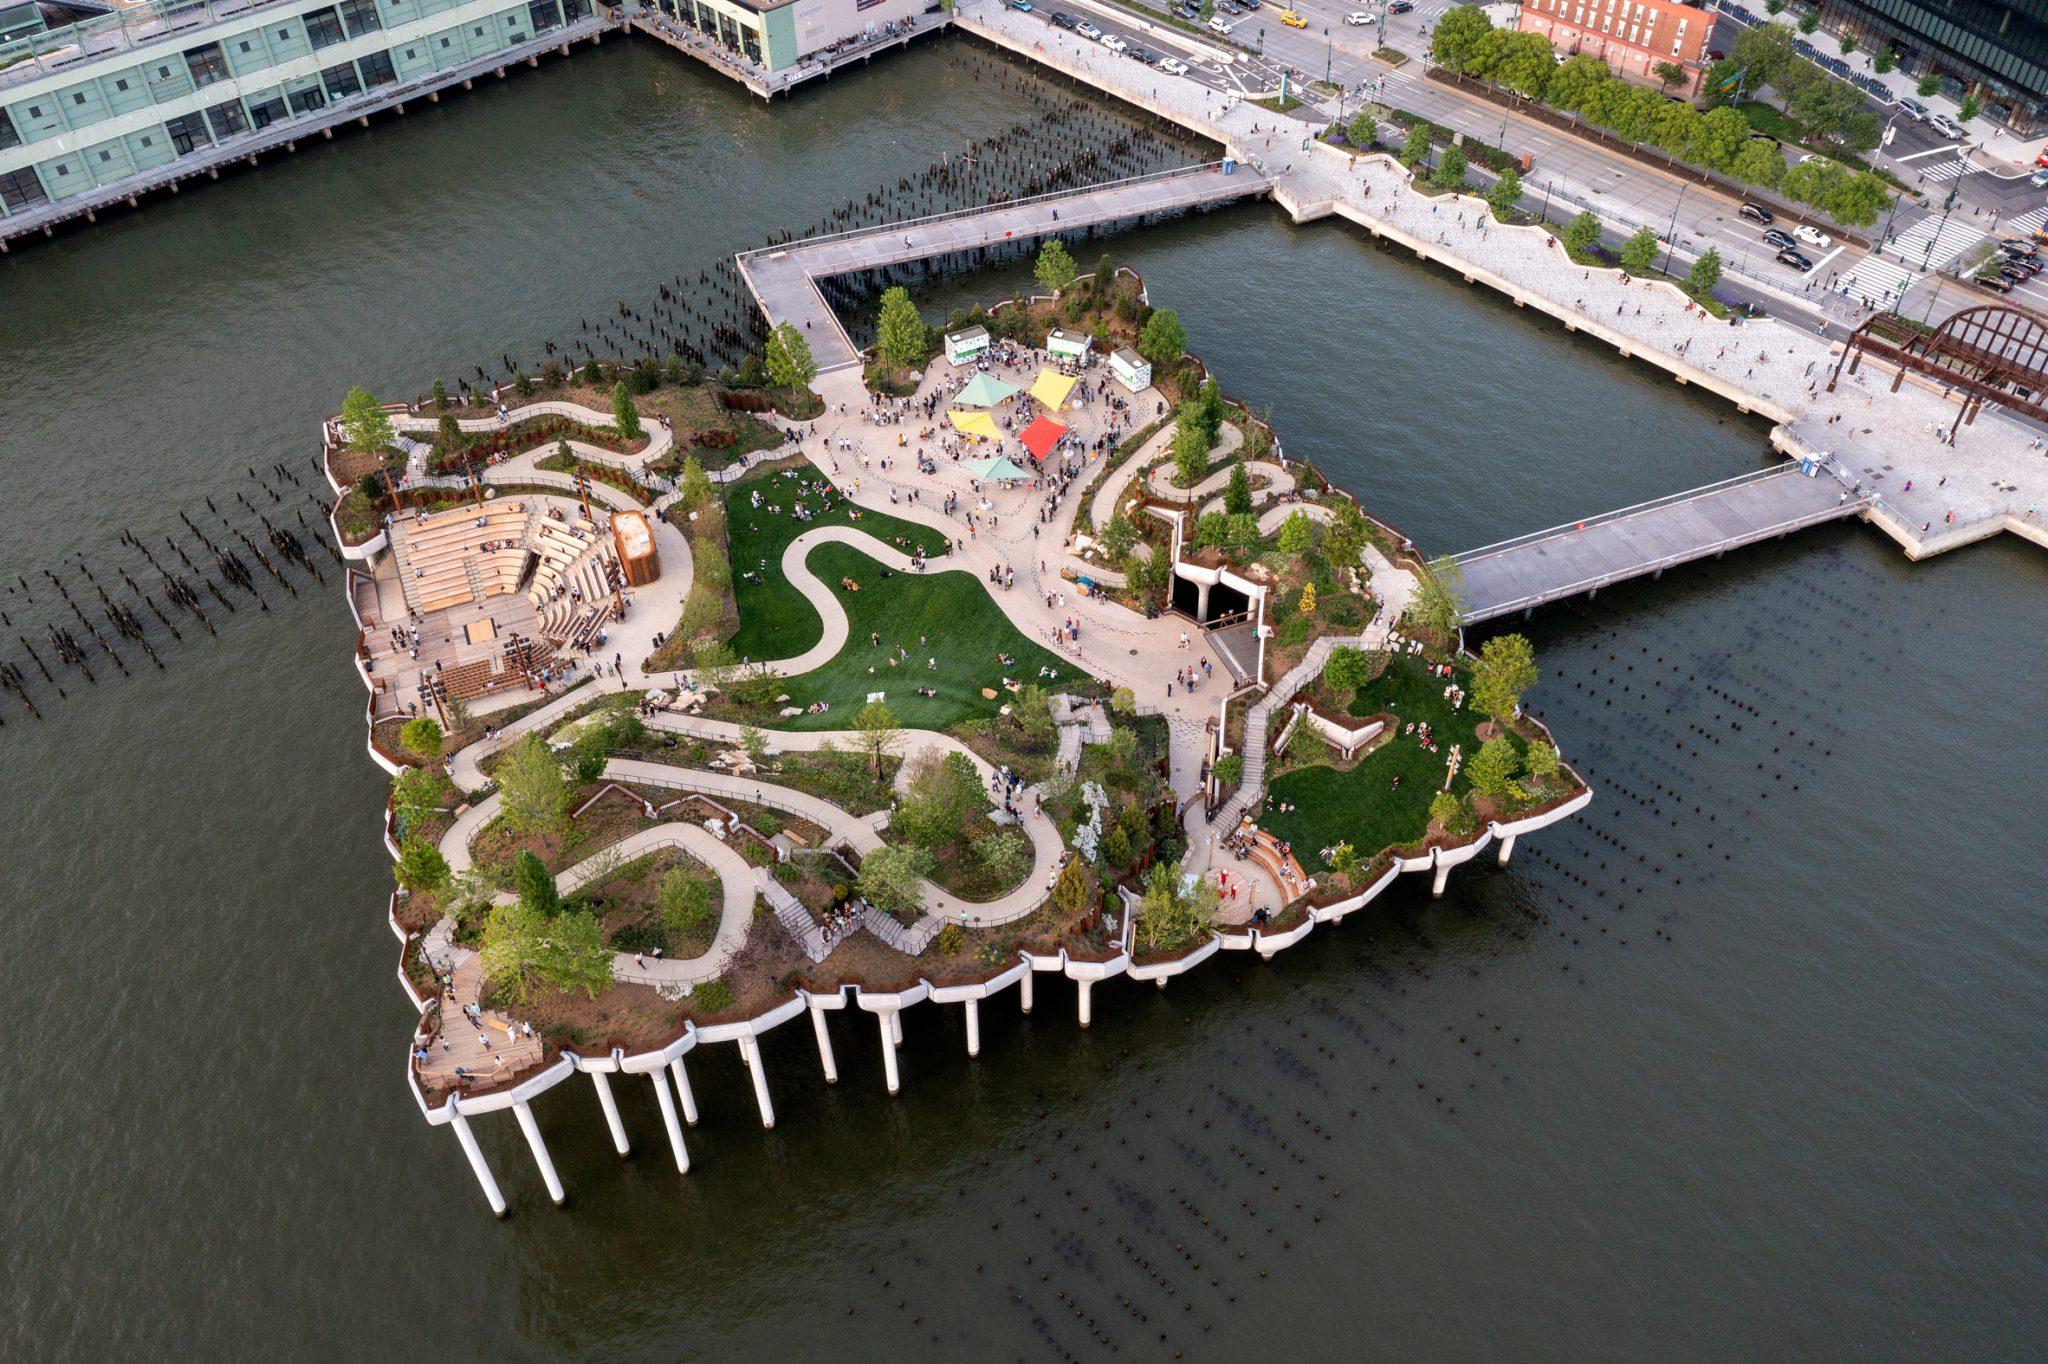 Mesterséges sziget New York új szabadidős helyszíne